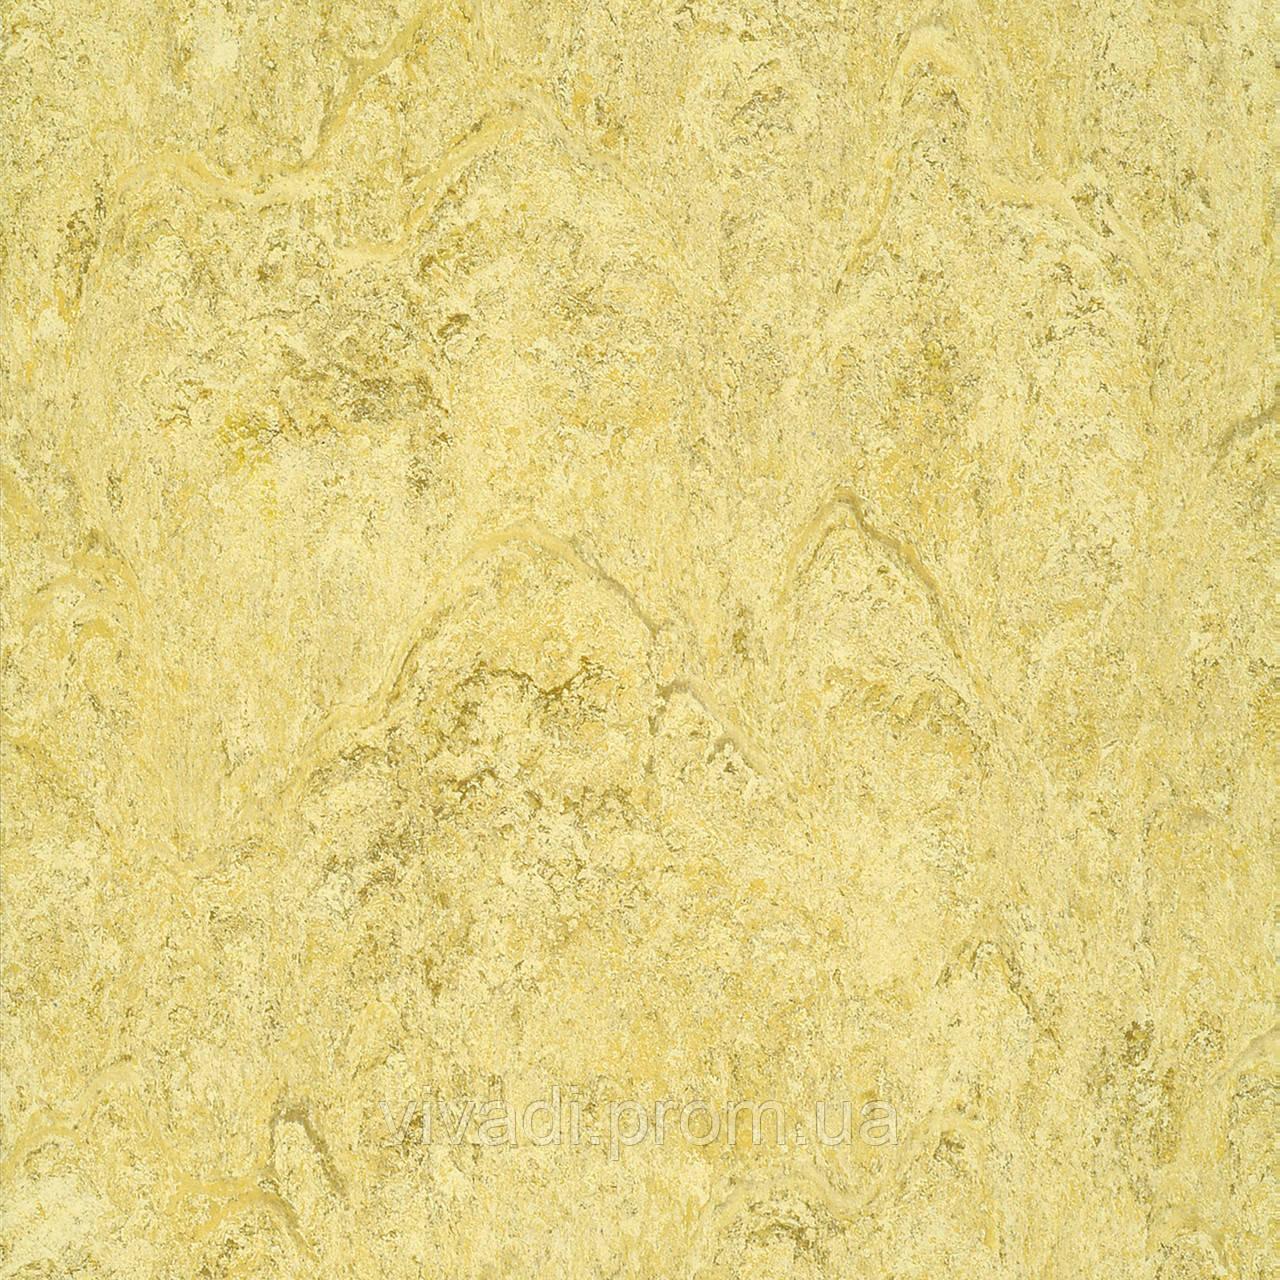 Натуральний лінолеум Marmorette PUR - колір 125-070